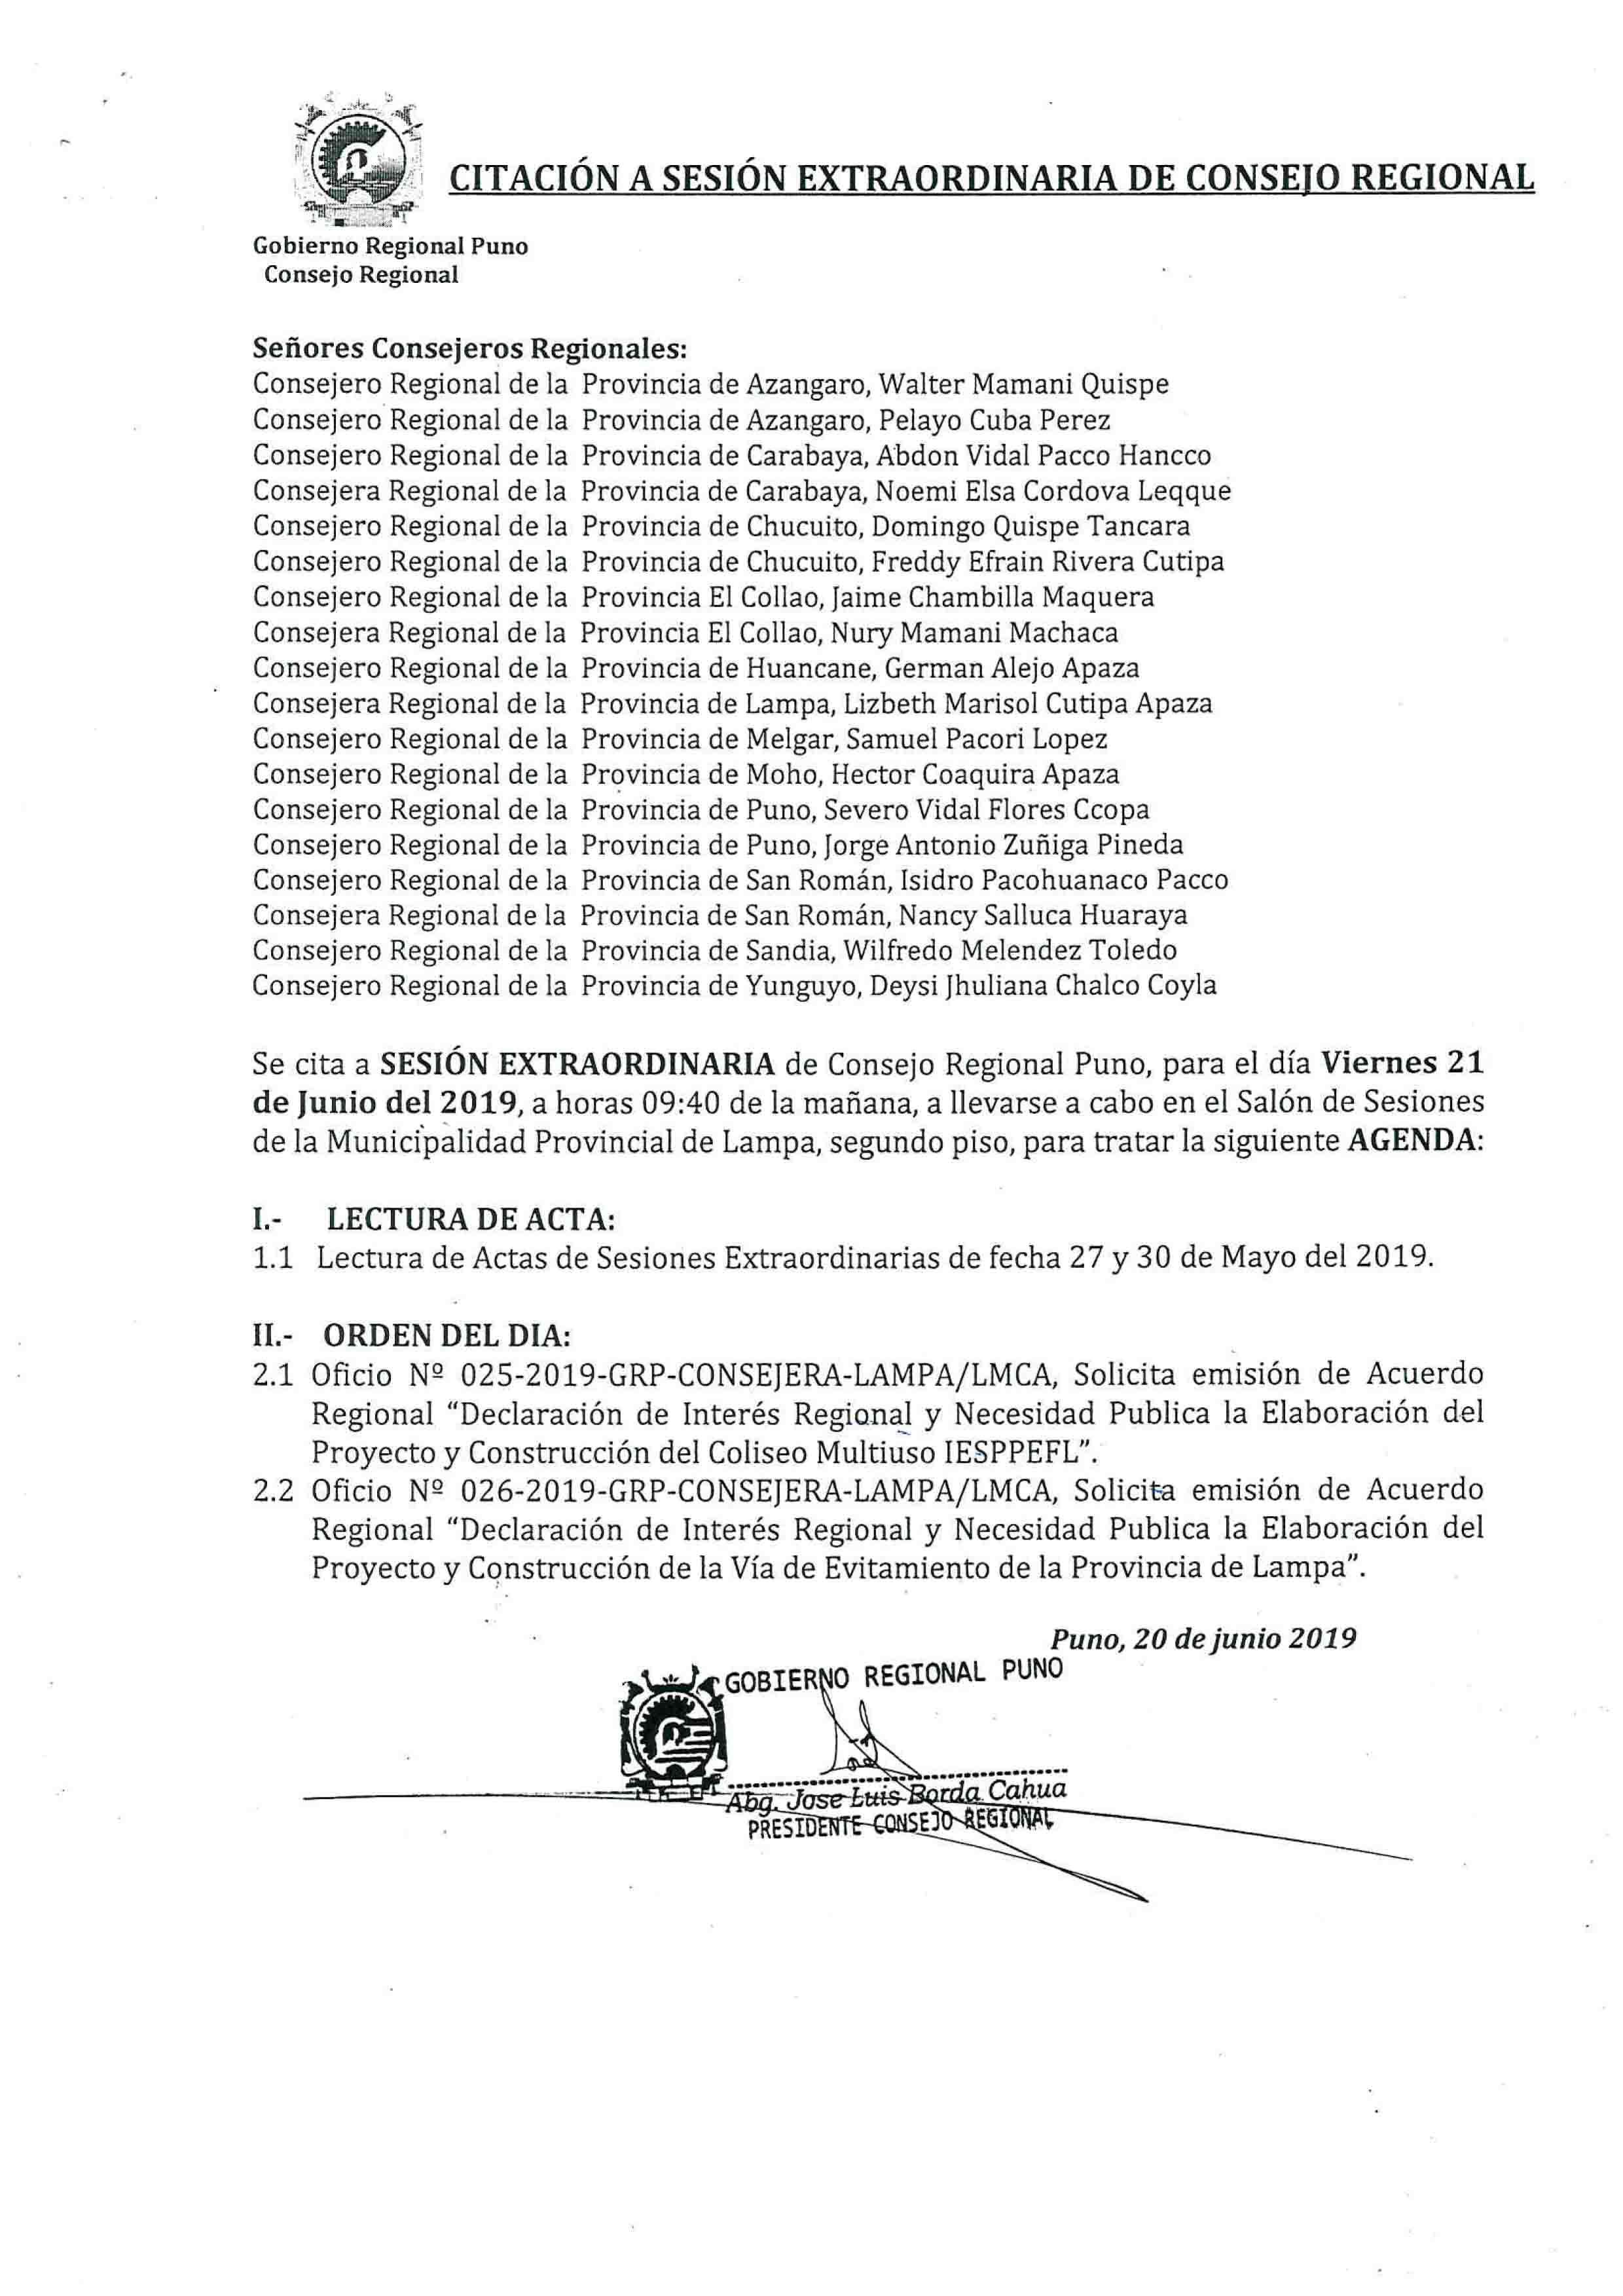 SESIÓN EXTRAORDINARIA DE CONSEJO REGIONAL @ Sala de Sesiones de la Municipalidad Provincial de Lampa